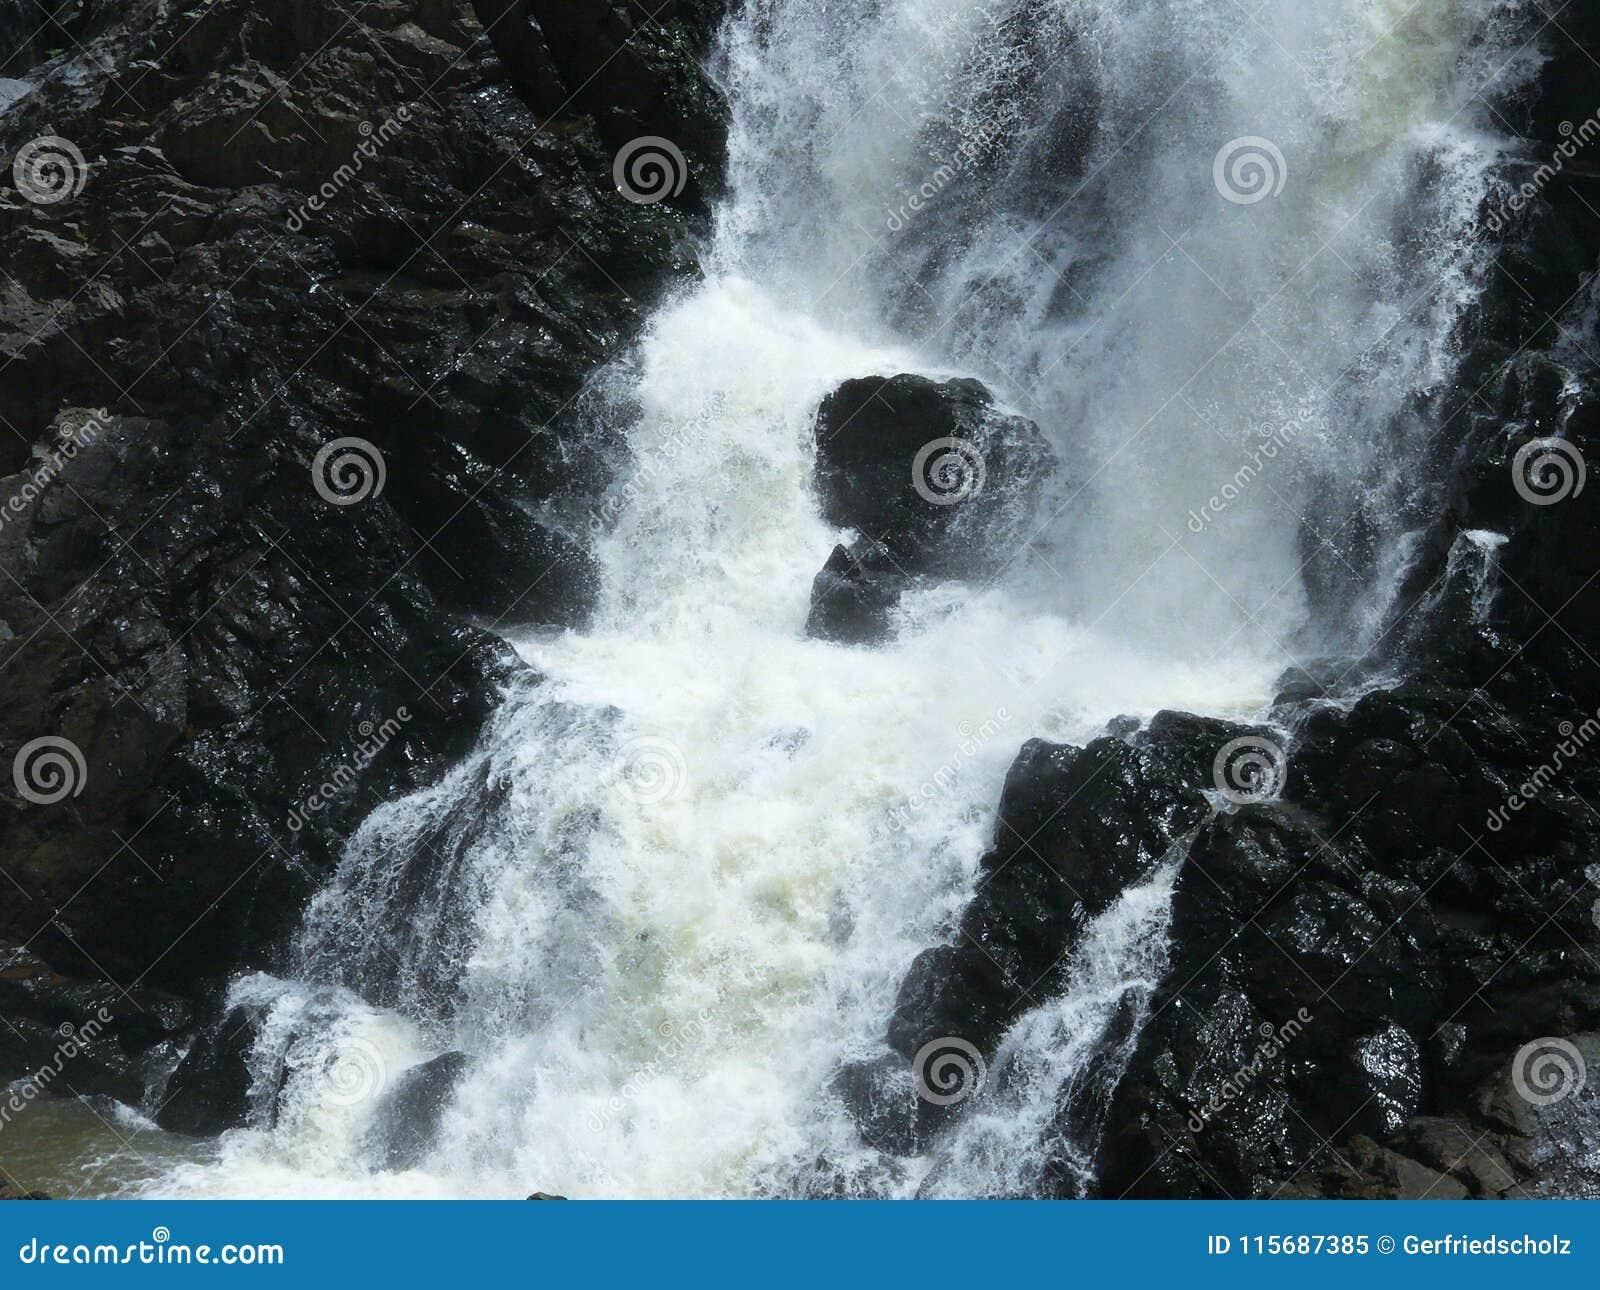 Detaljen av en vattenfall, vattnet kraschar ner vaggar